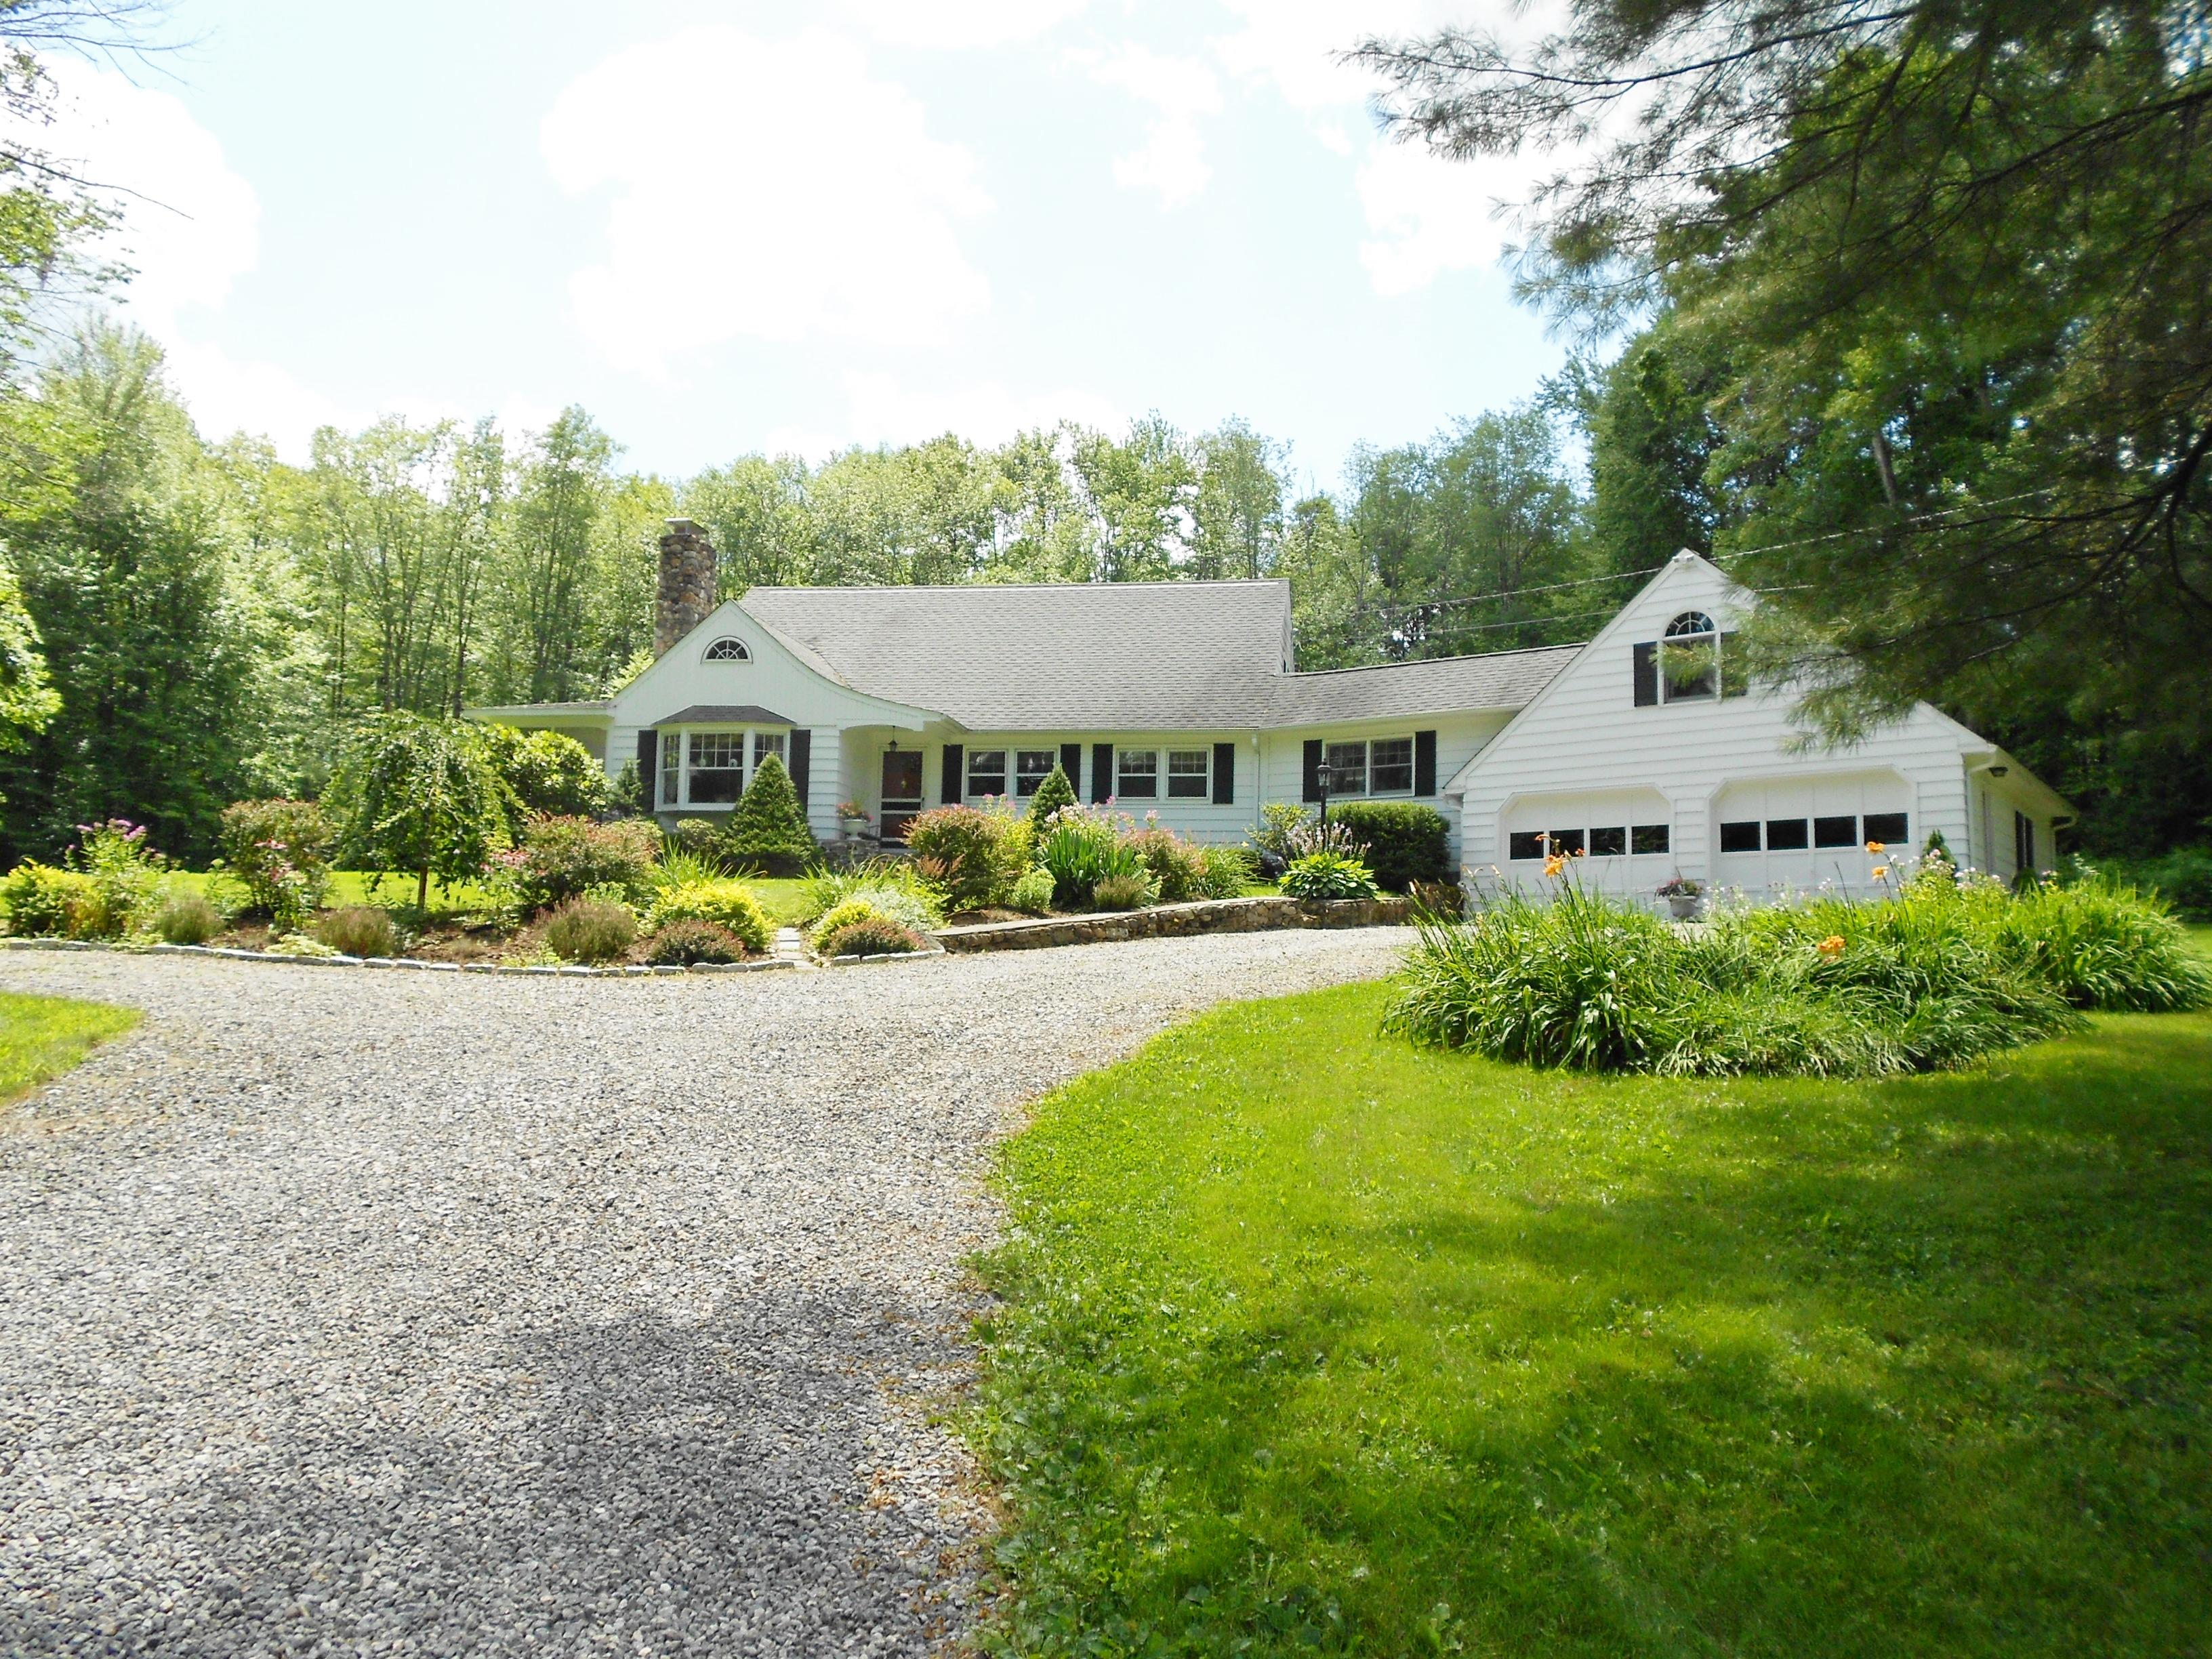 Casa Unifamiliar por un Venta en Country Cape 20 Reder Rd Litchfield, Connecticut 06778 Estados Unidos